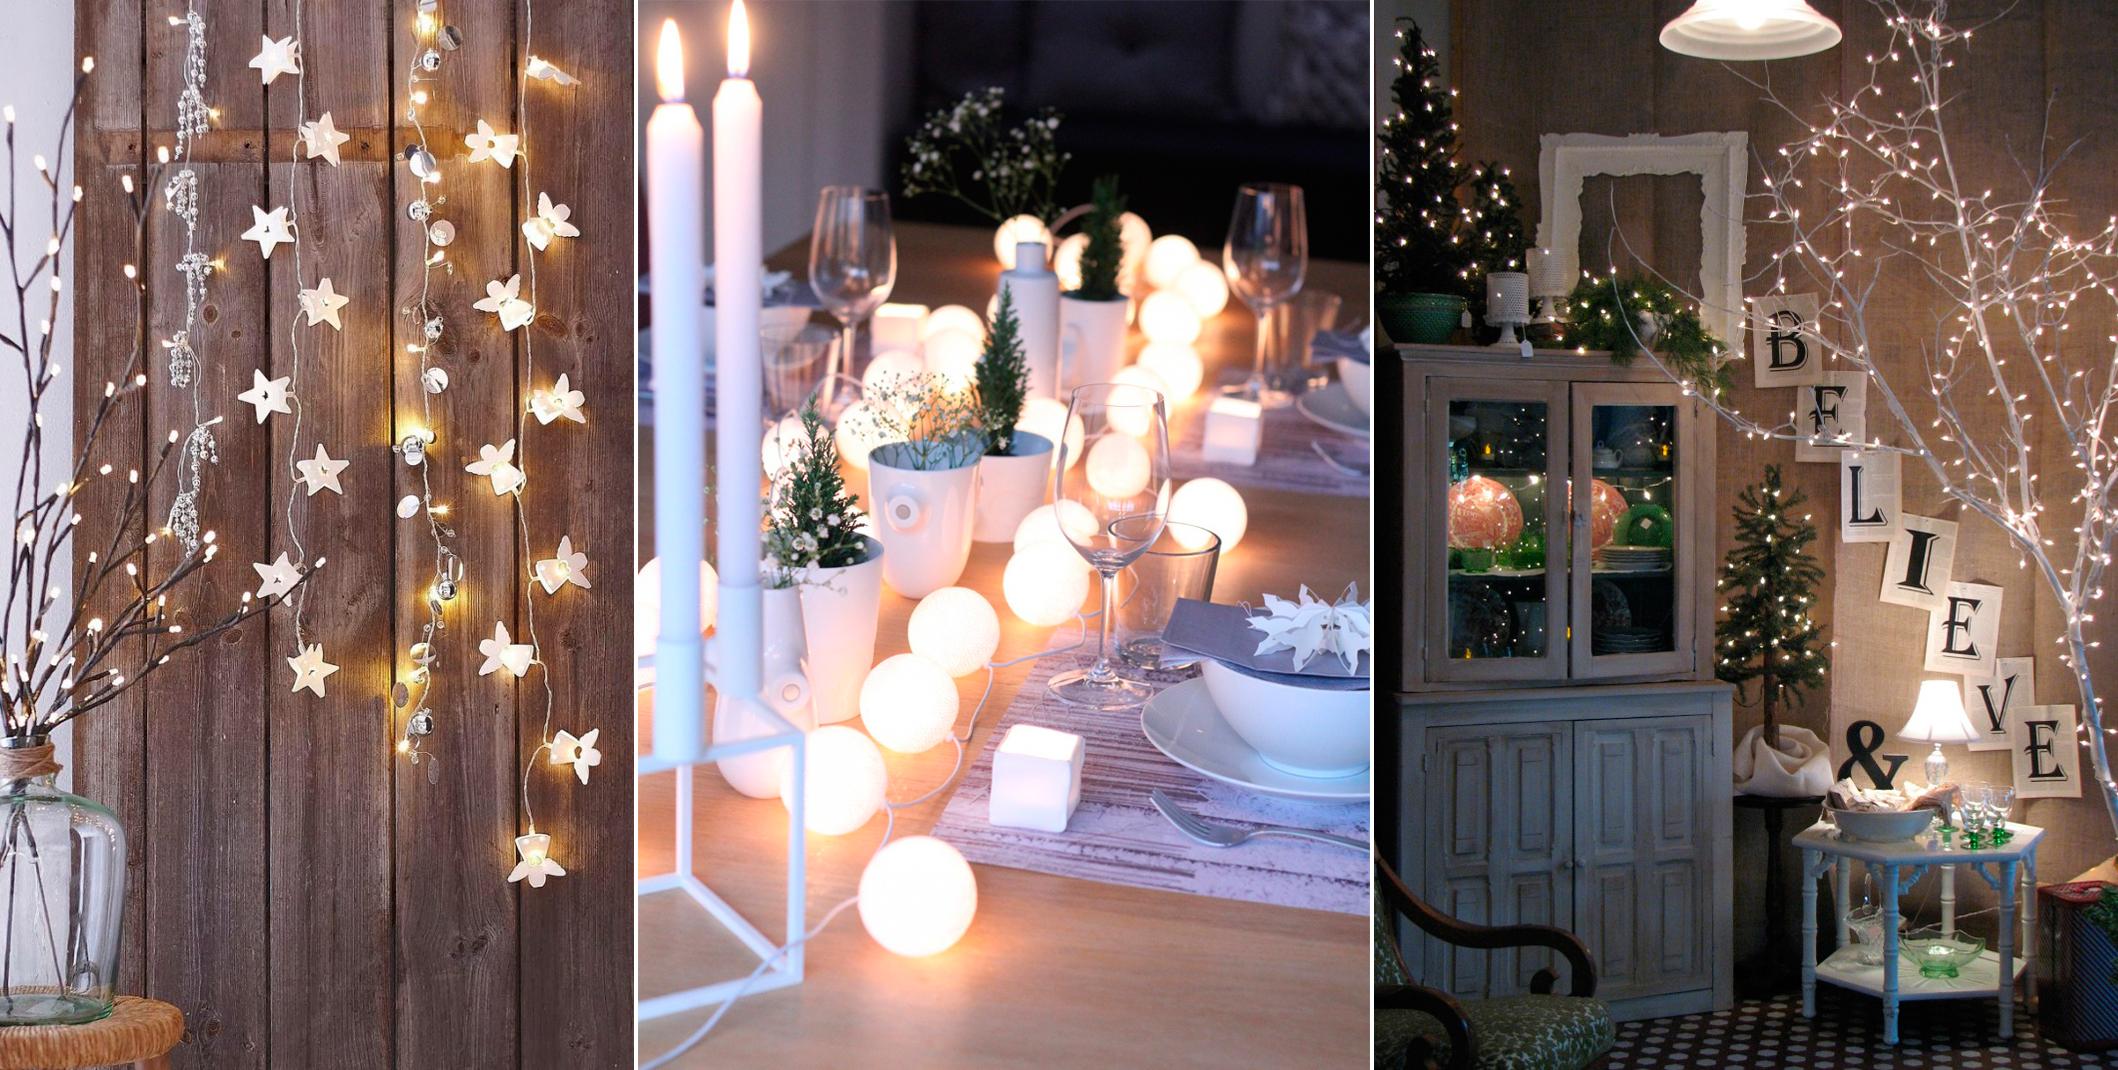 Электрические гирлянды для дома, делаем праздники яркими